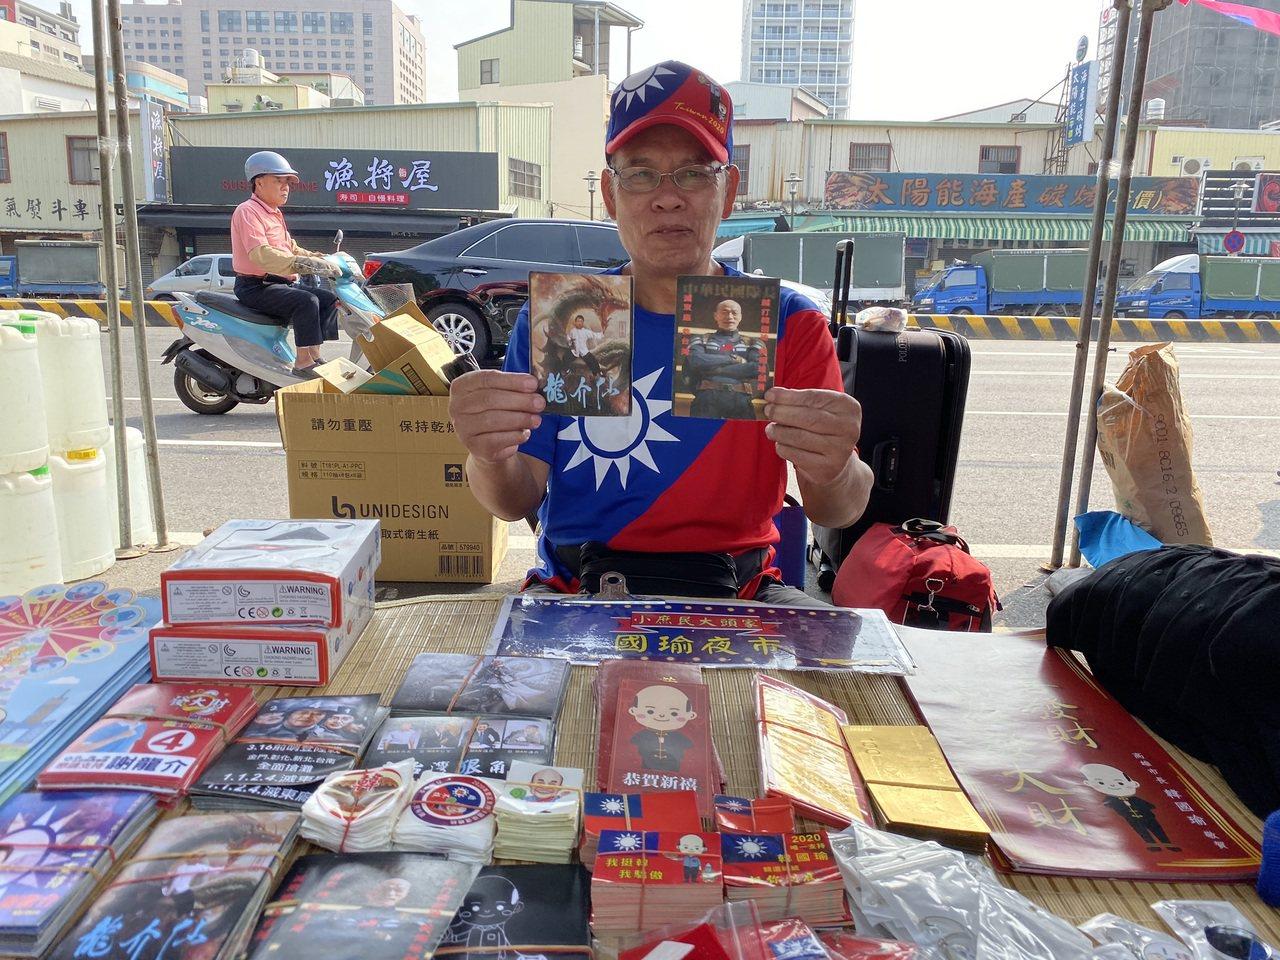 林恆仰認同韓國瑜的理念,從去年開始就跟著韓國瑜行程擺攤。記者鄭維真/攝影